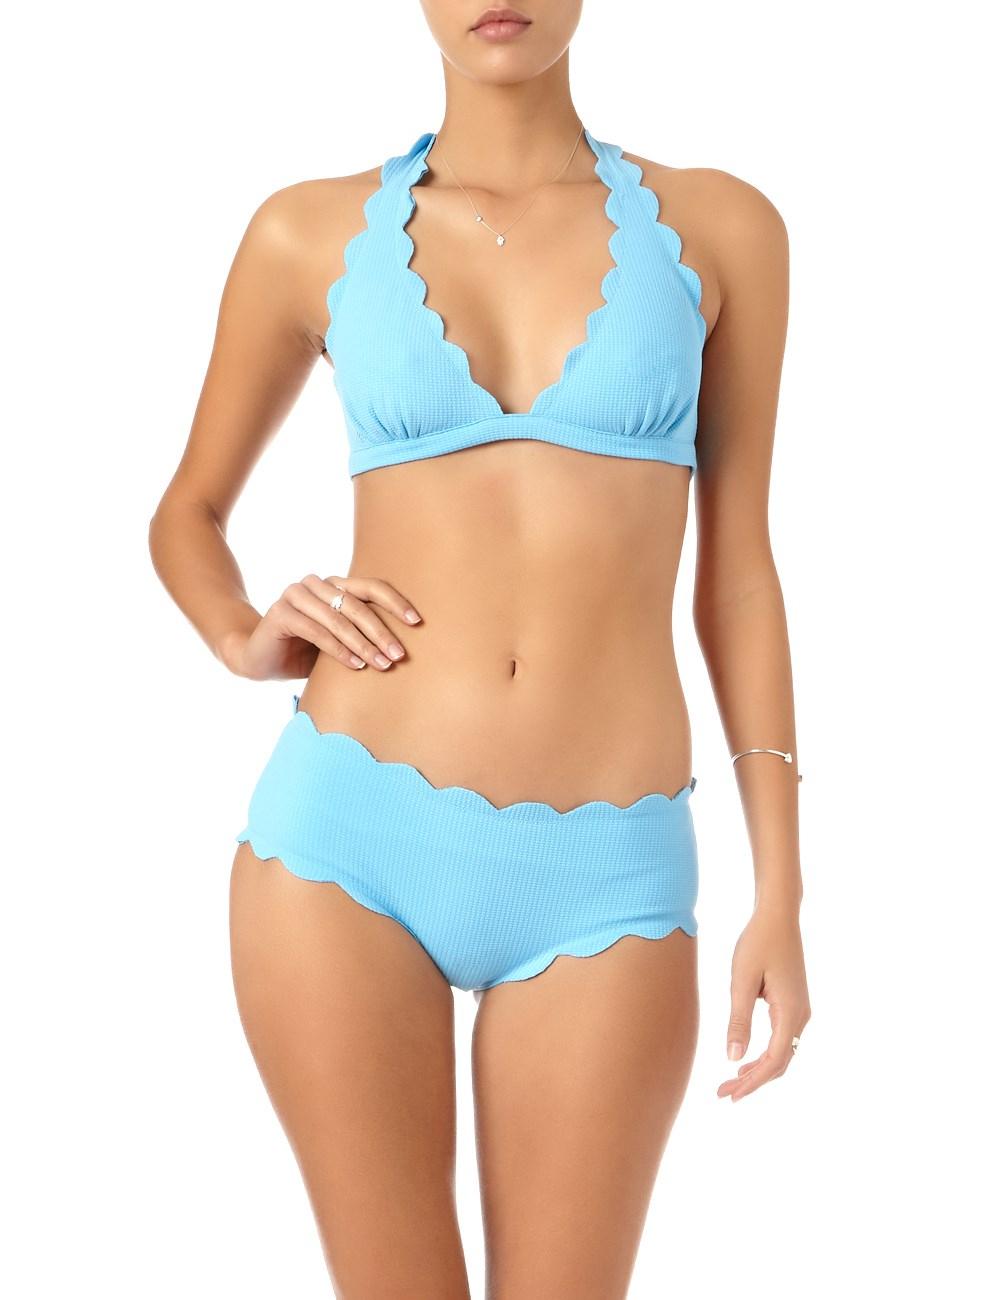 Marysia swim Aqua Scalloped Spring Bikini Top in Blue